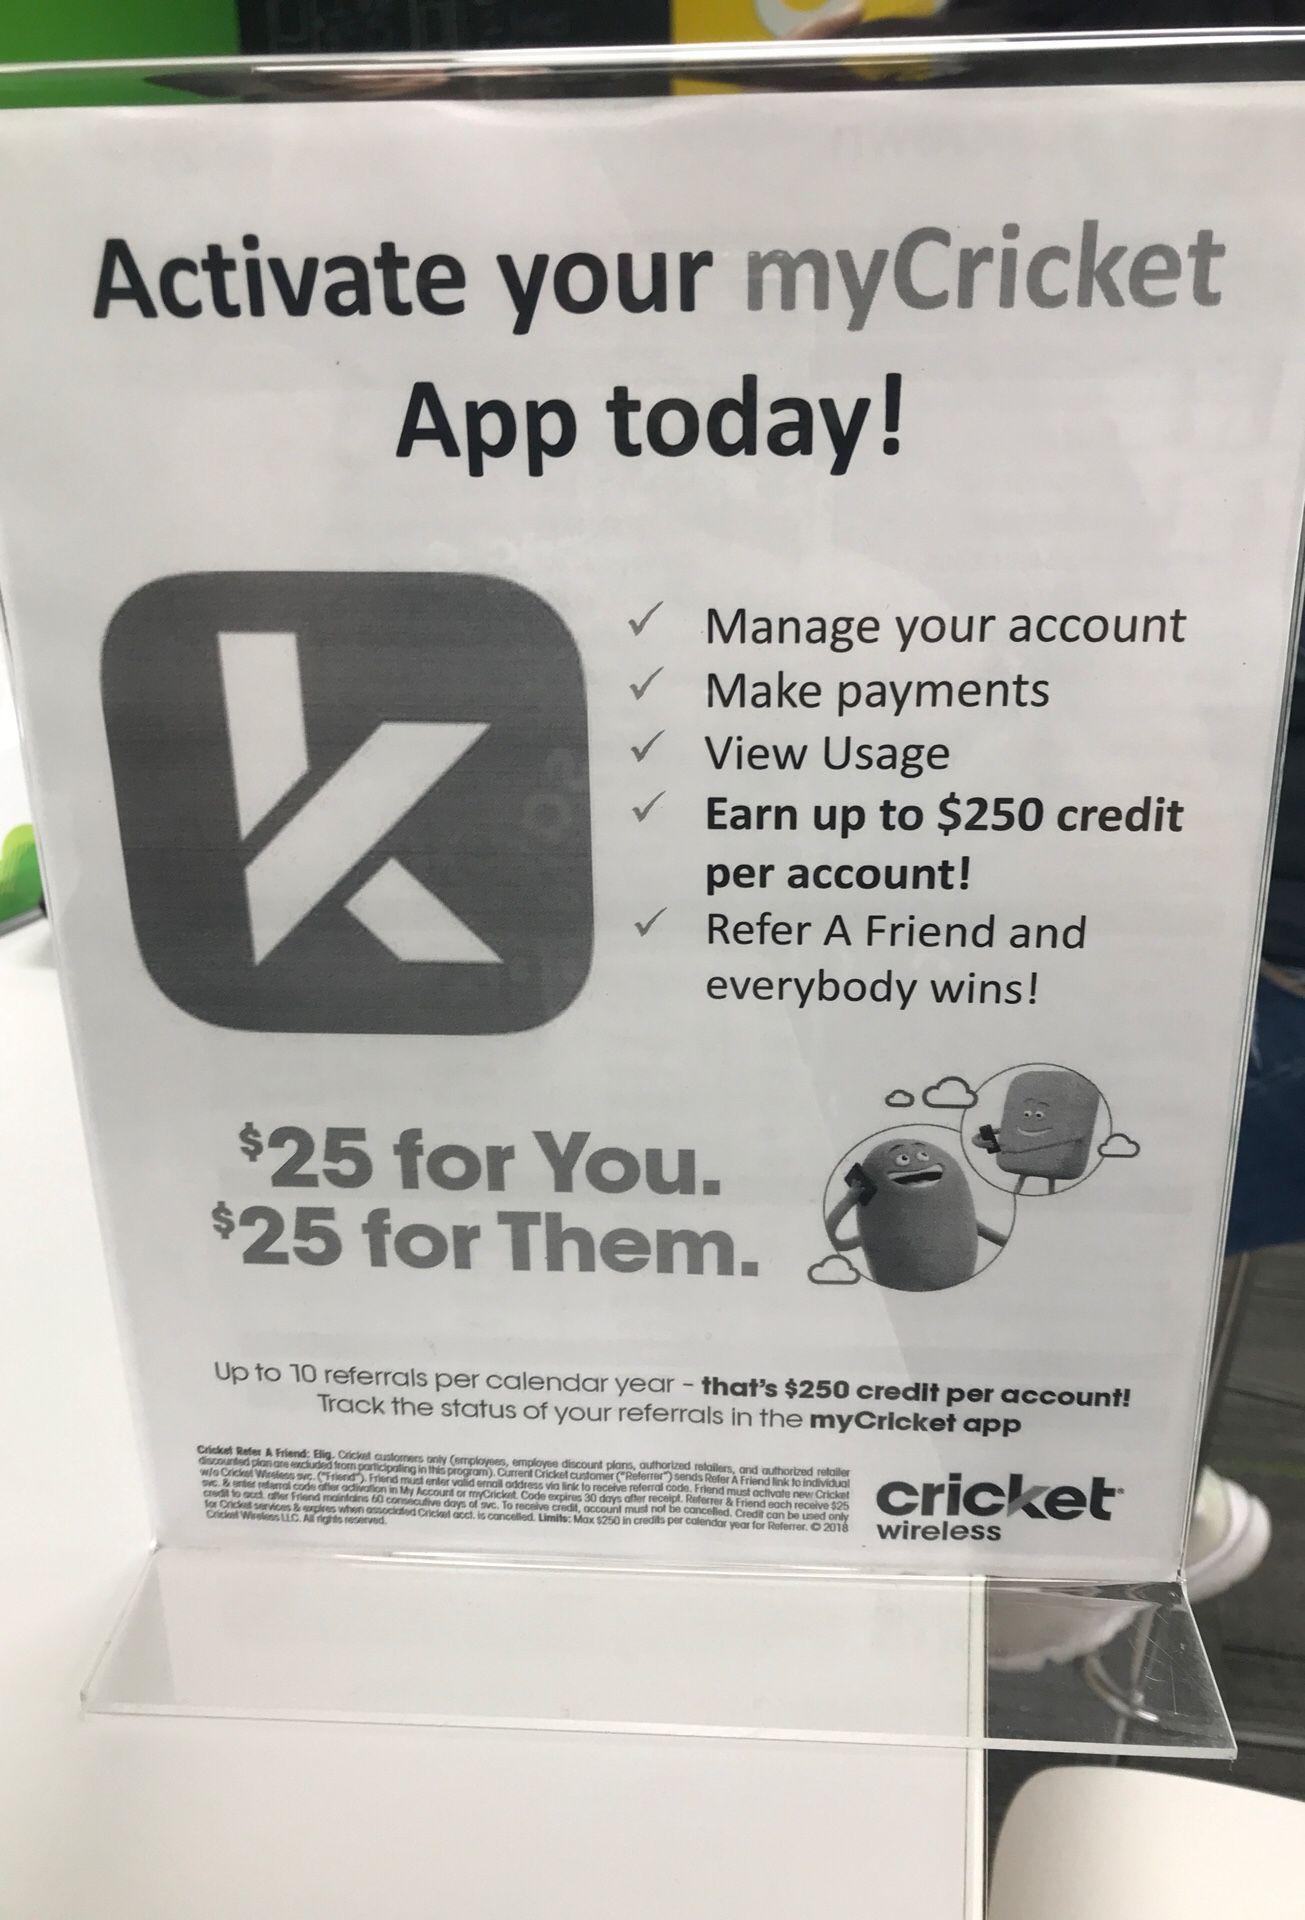 My cricket app